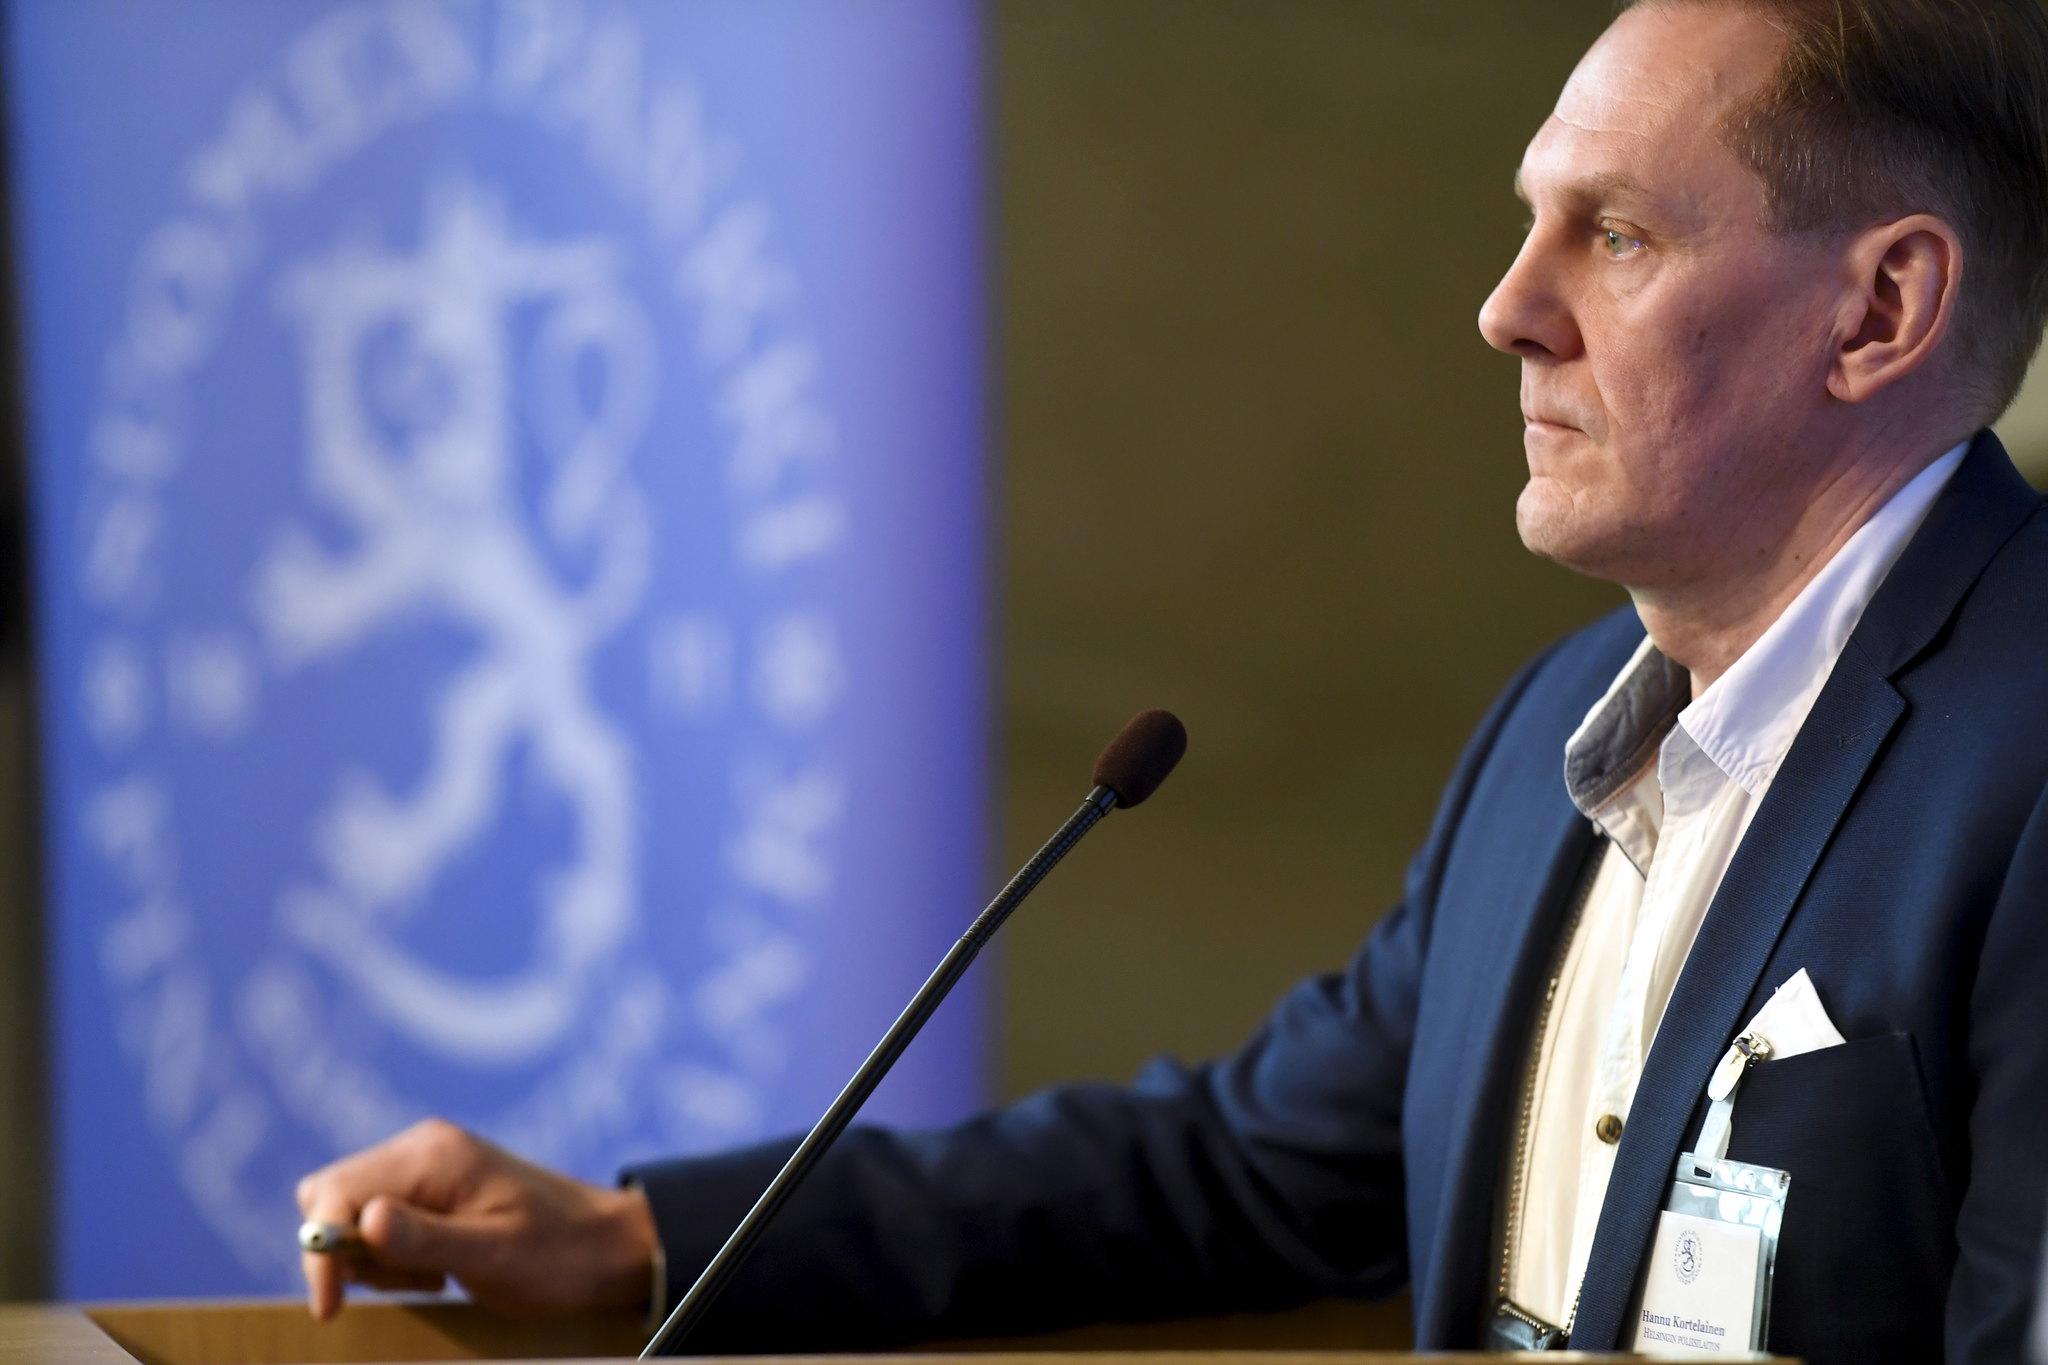 Hannu Kortelainen vaatii pankeille tietojenvaihto-oikeuksia. Kuva: Heikki Saukkomaa, STT-Lehtikuva